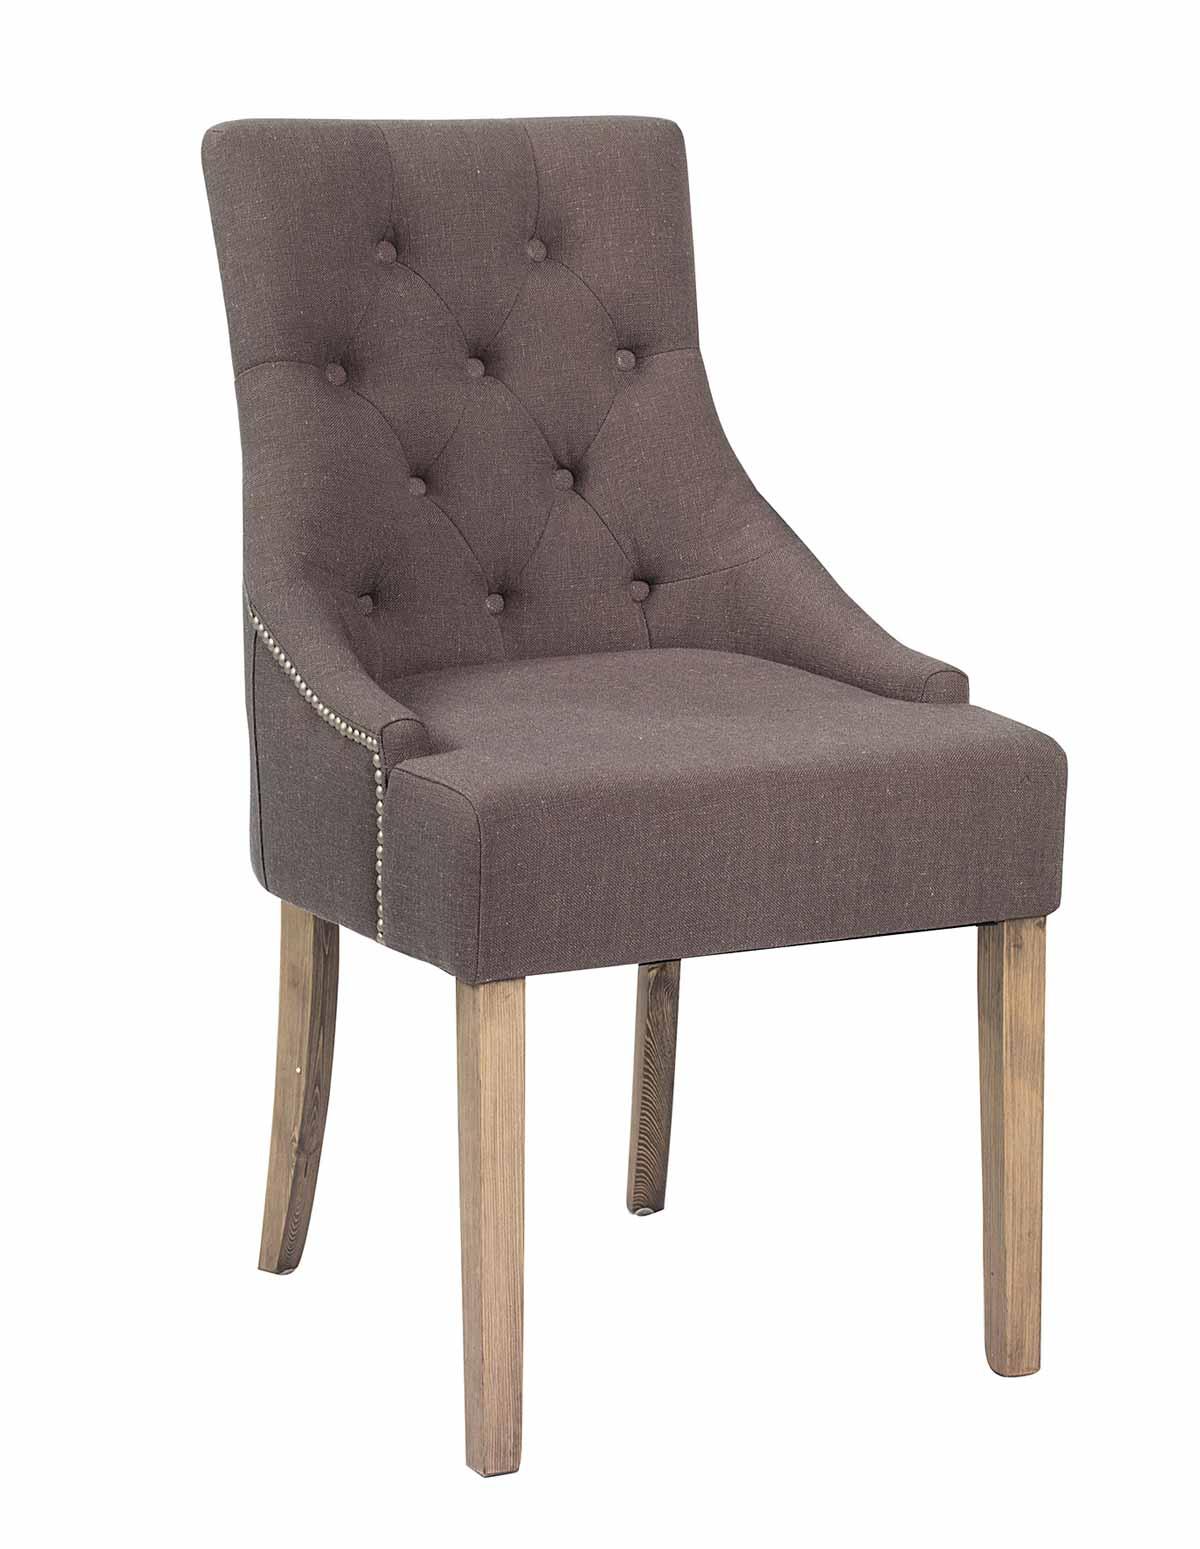 Stella spisebordsstol - Gråt stof, m. hvide ben